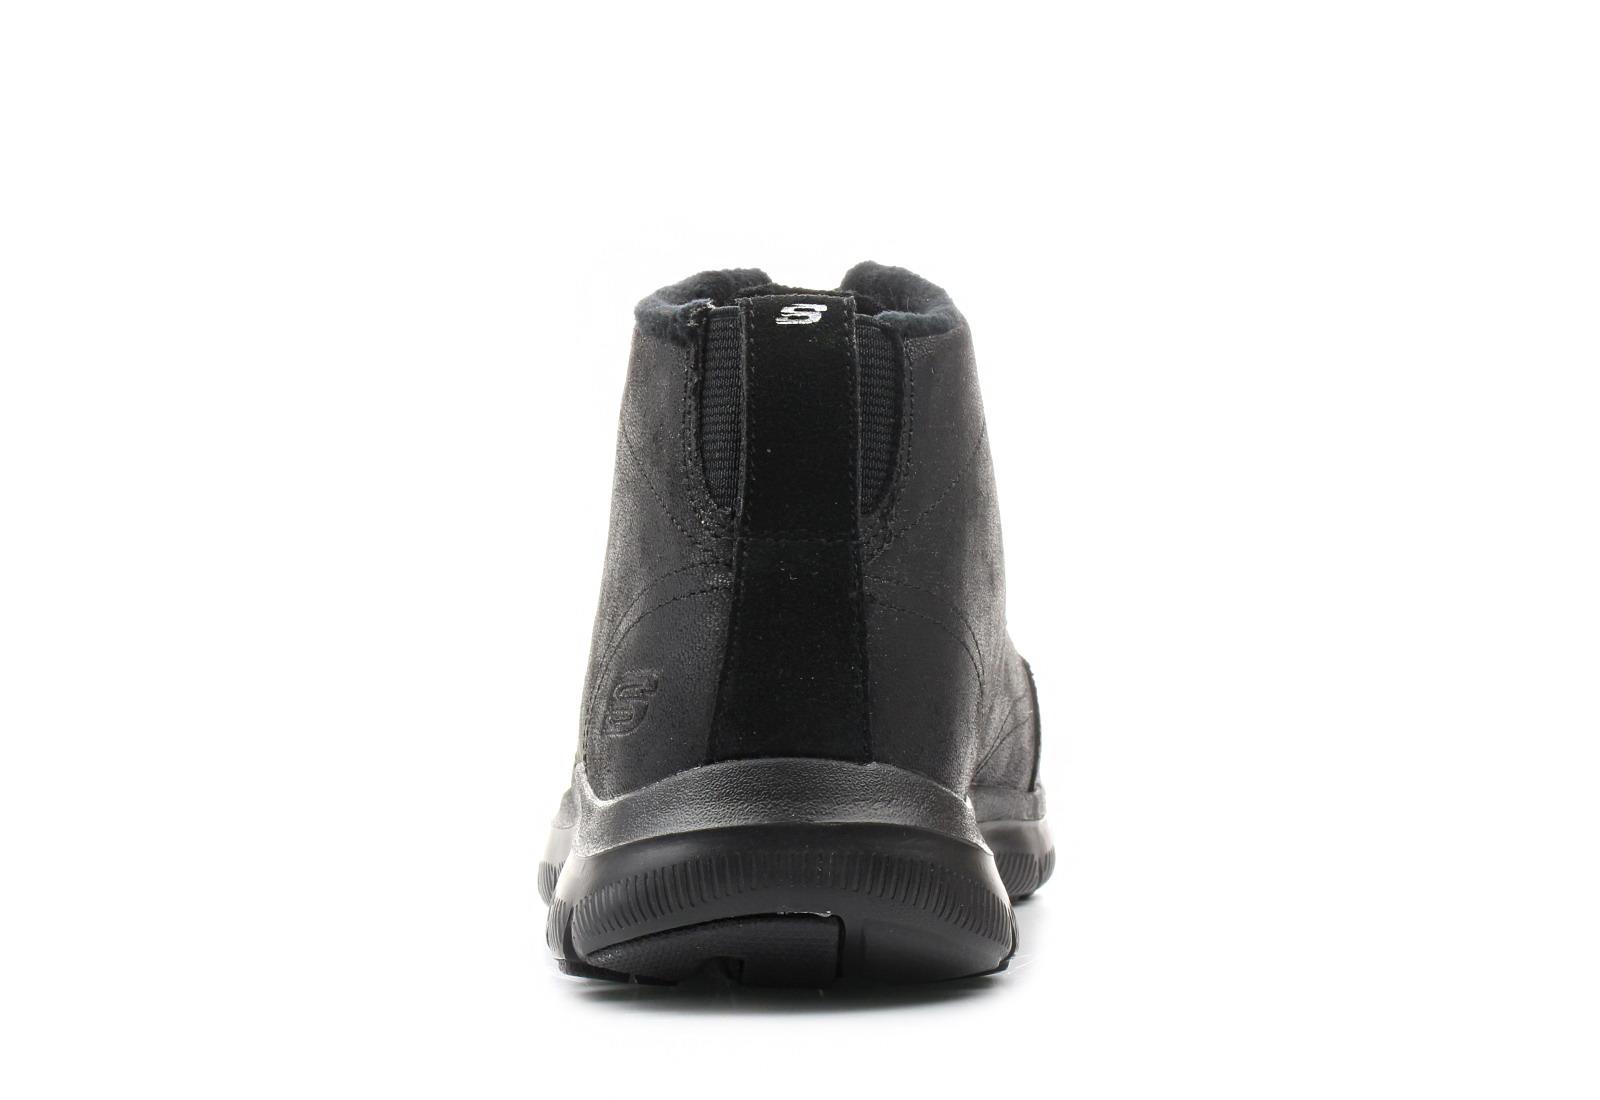 e8ffa7d6b Skechers Topánky - Flex Appeal 2.0 - Warm Wishes - 12892-bbk ...